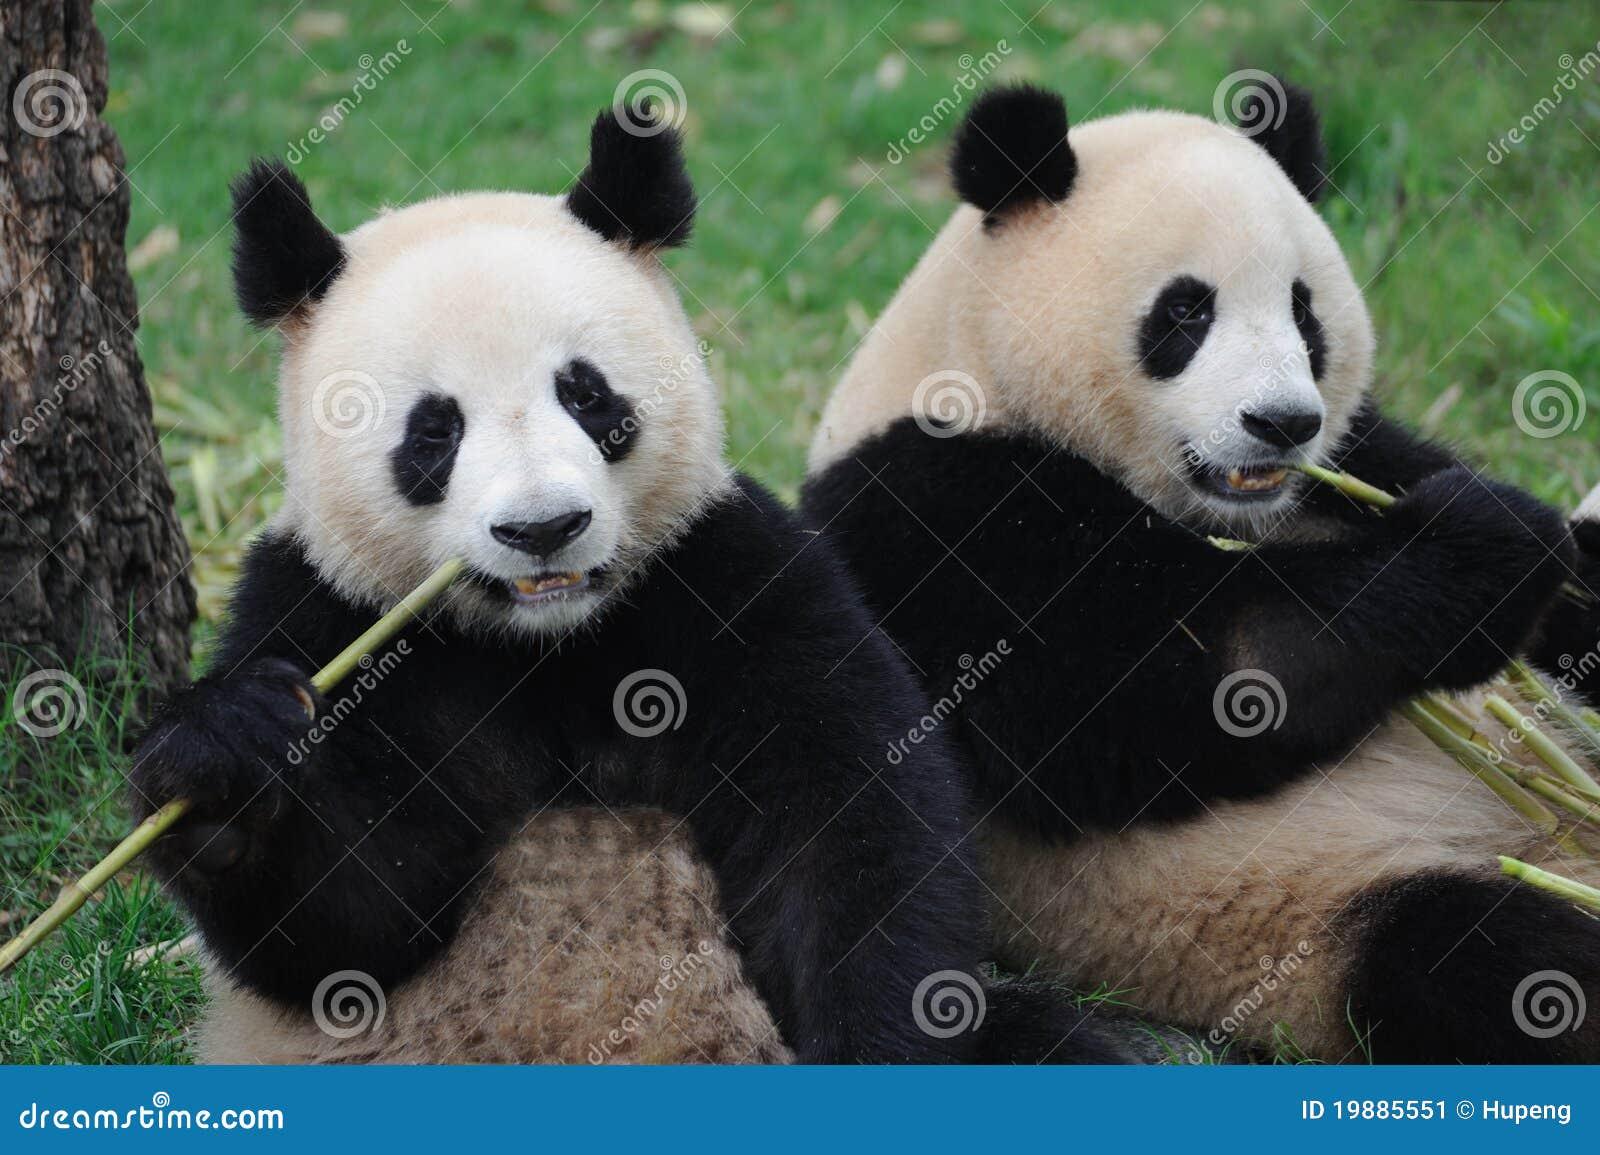 Zwei Reizende Pandas Die Bambus Essen Stockbild Bild Von Riesig